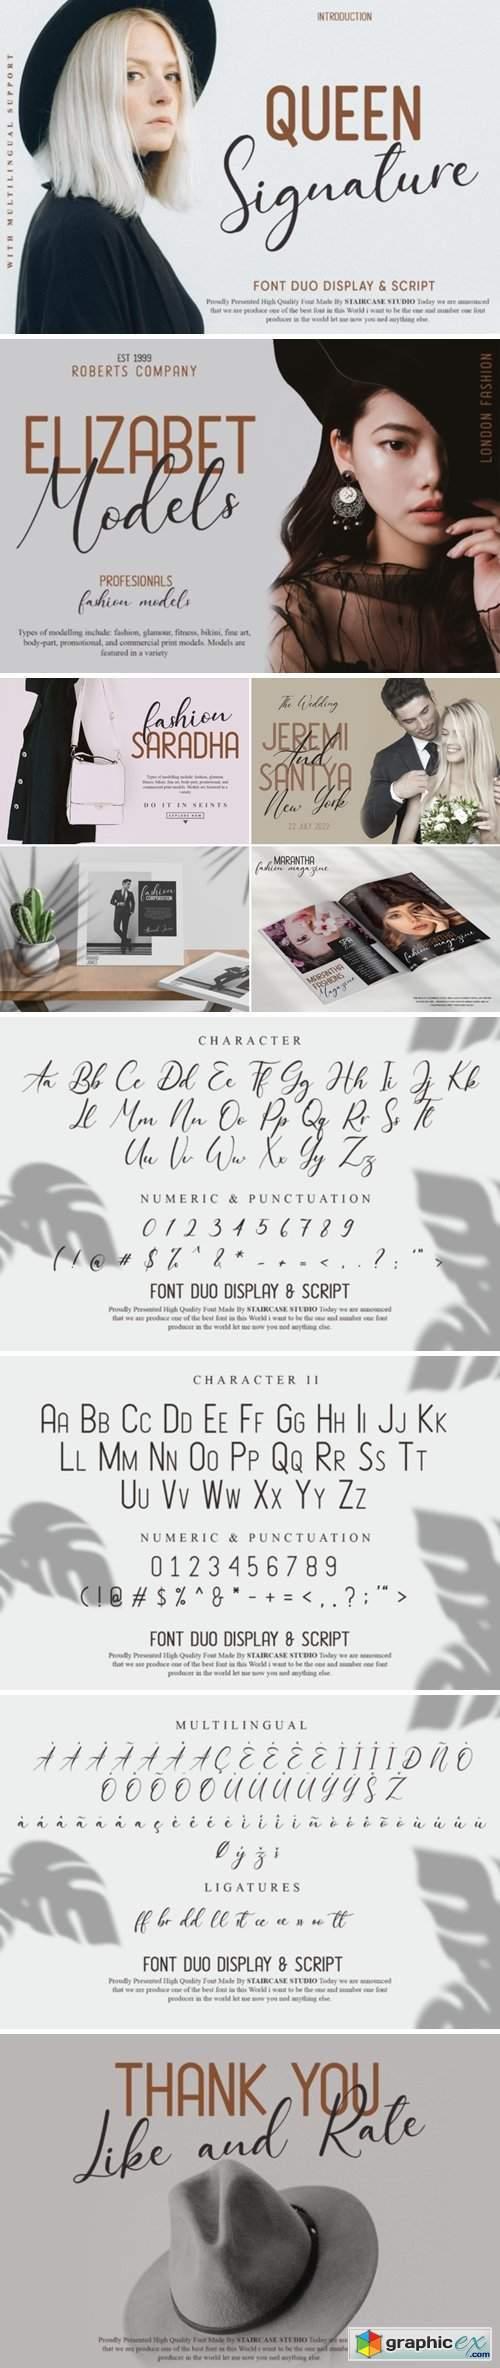 Queen Signature Font